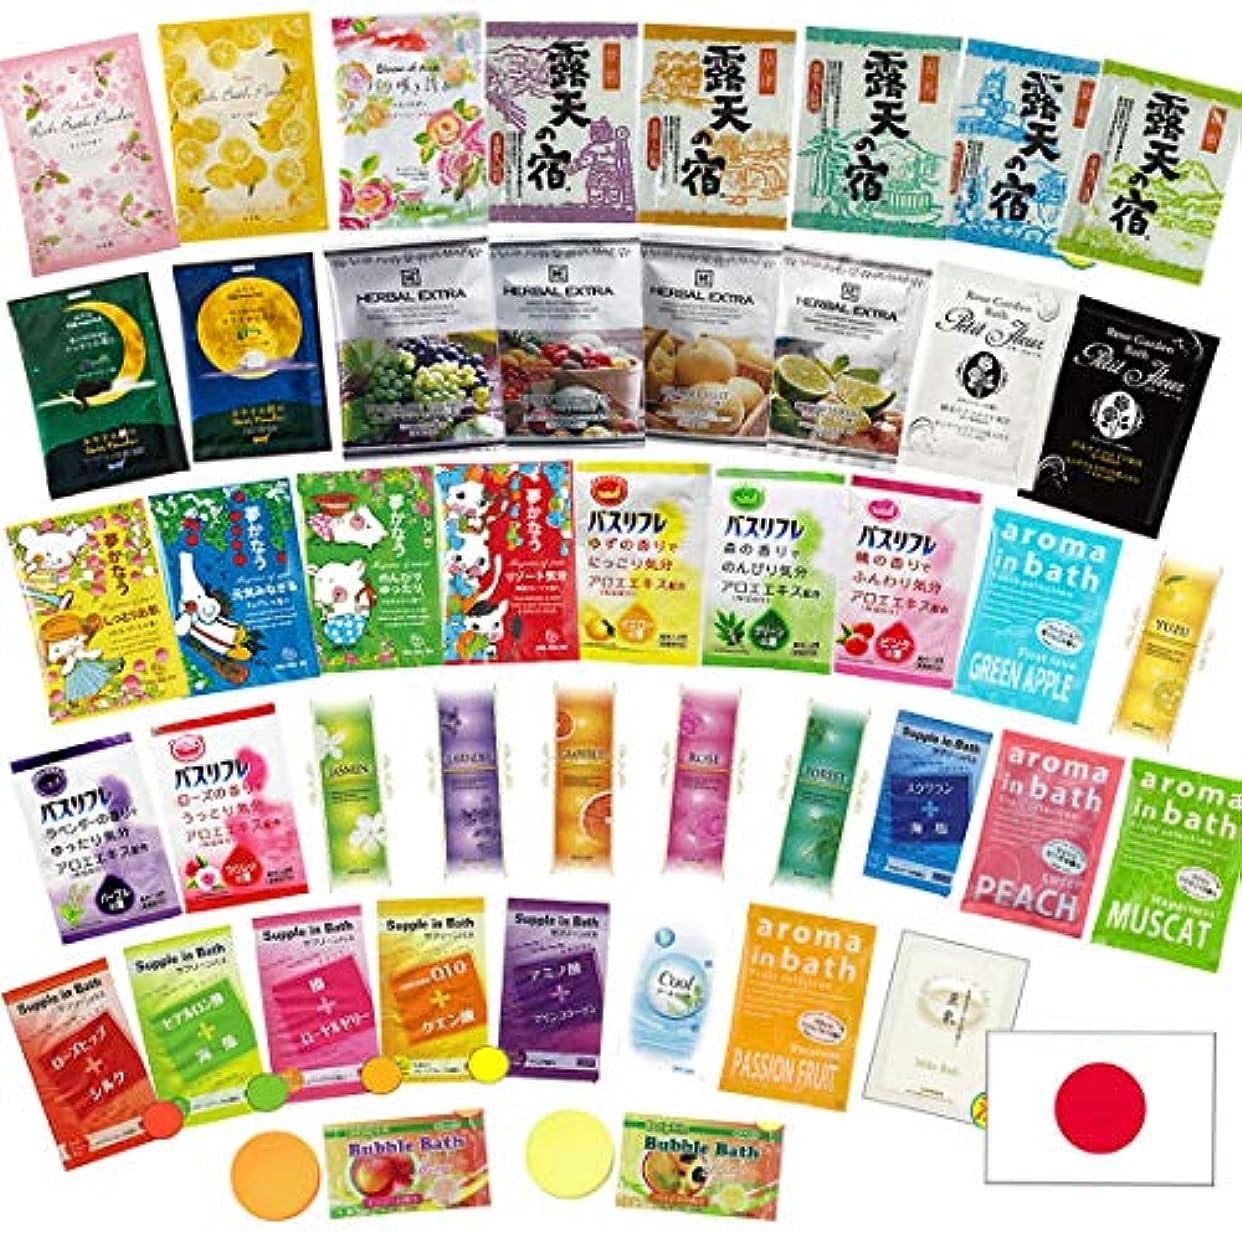 バストまあ施し入浴剤 まとめ買い 100袋 日本製 20種/10種 & 30袋 ~ 選べる 薬用 入 まとめ売り つめあわせ 福袋 (100袋 20種×各5)